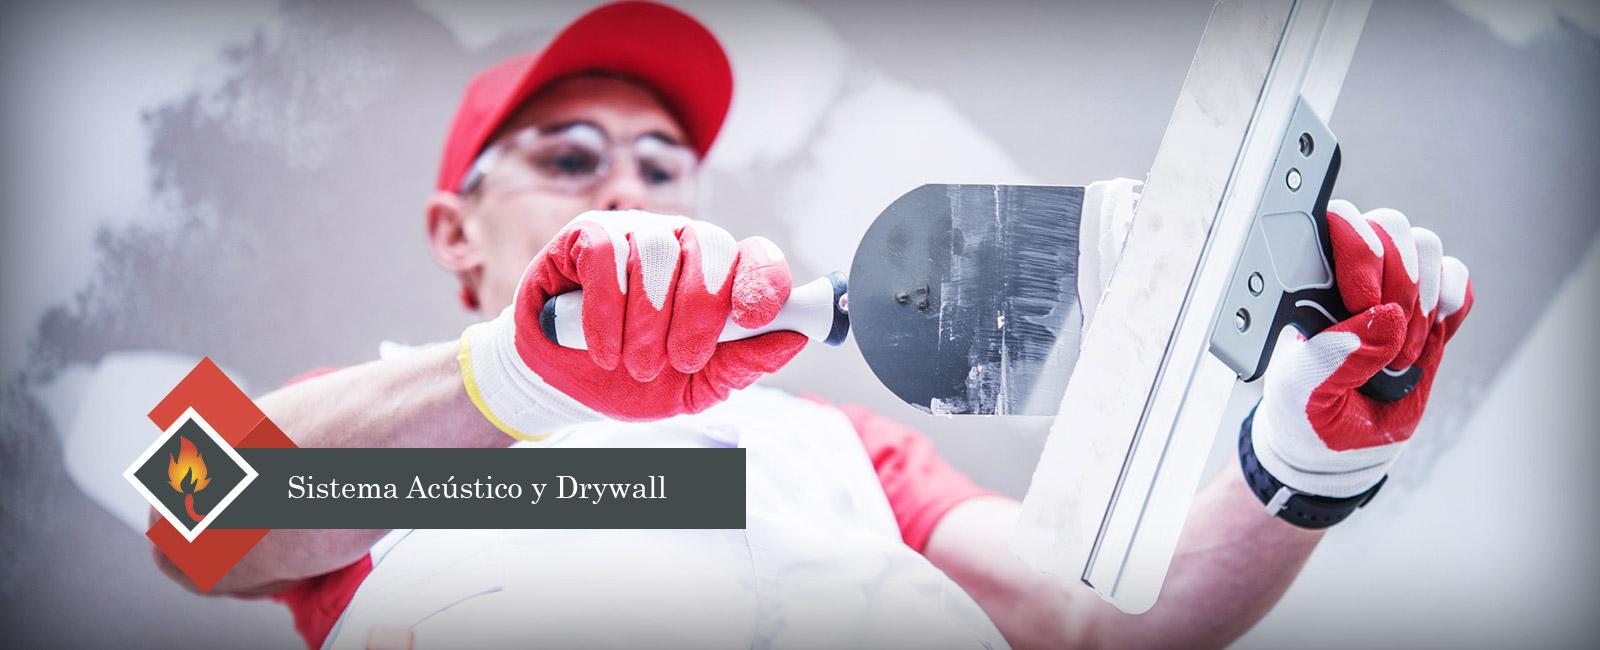 sistema-acustico-drywall